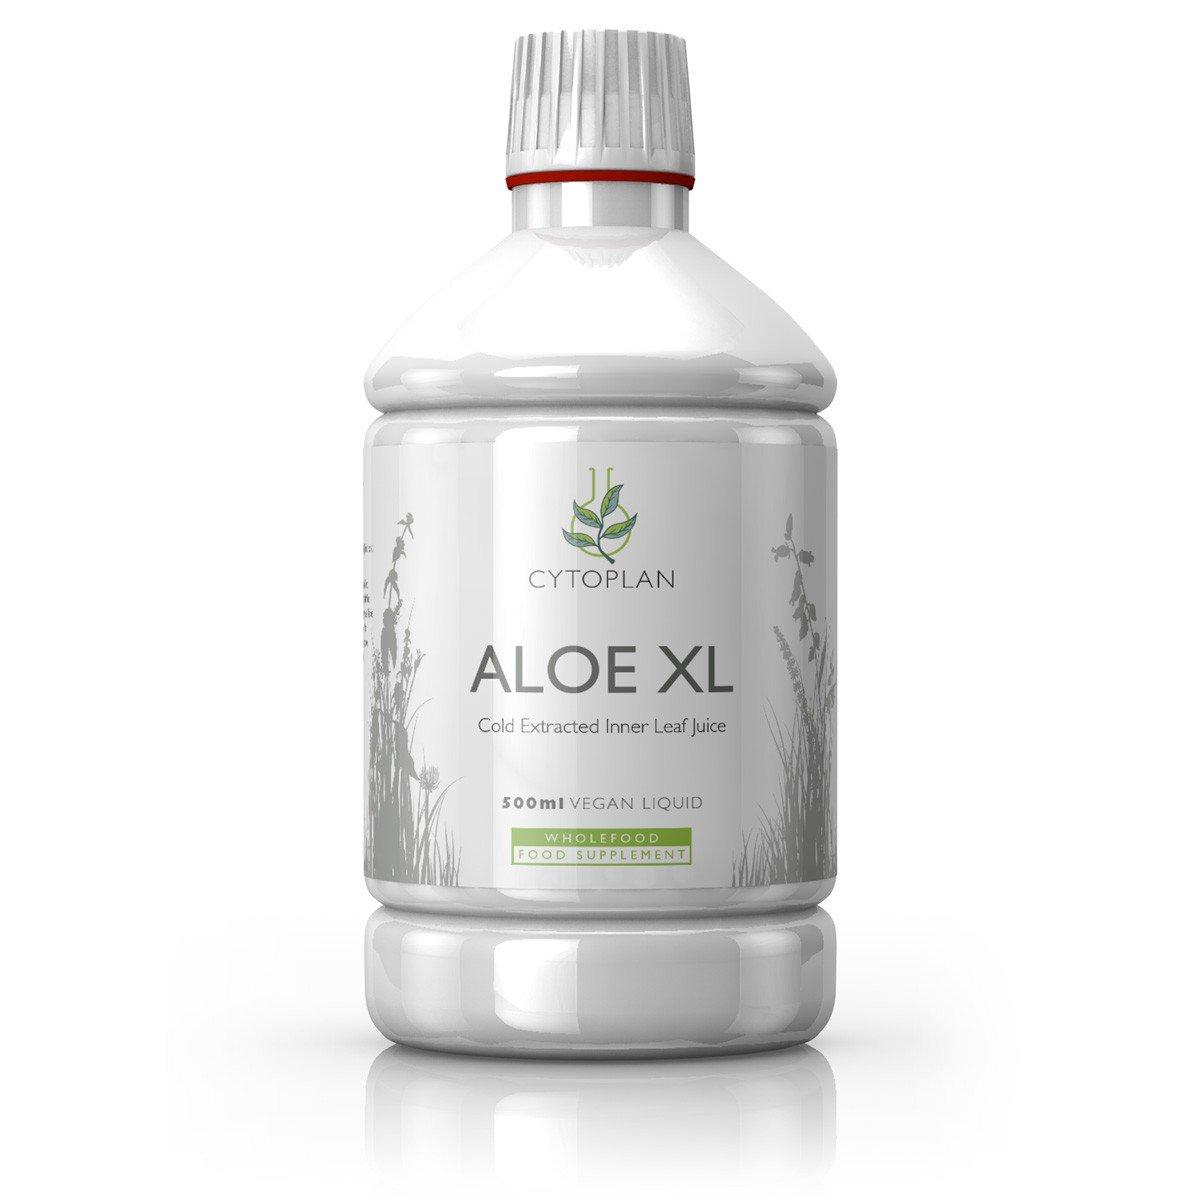 Aloe XL Inner Leaf 500ml